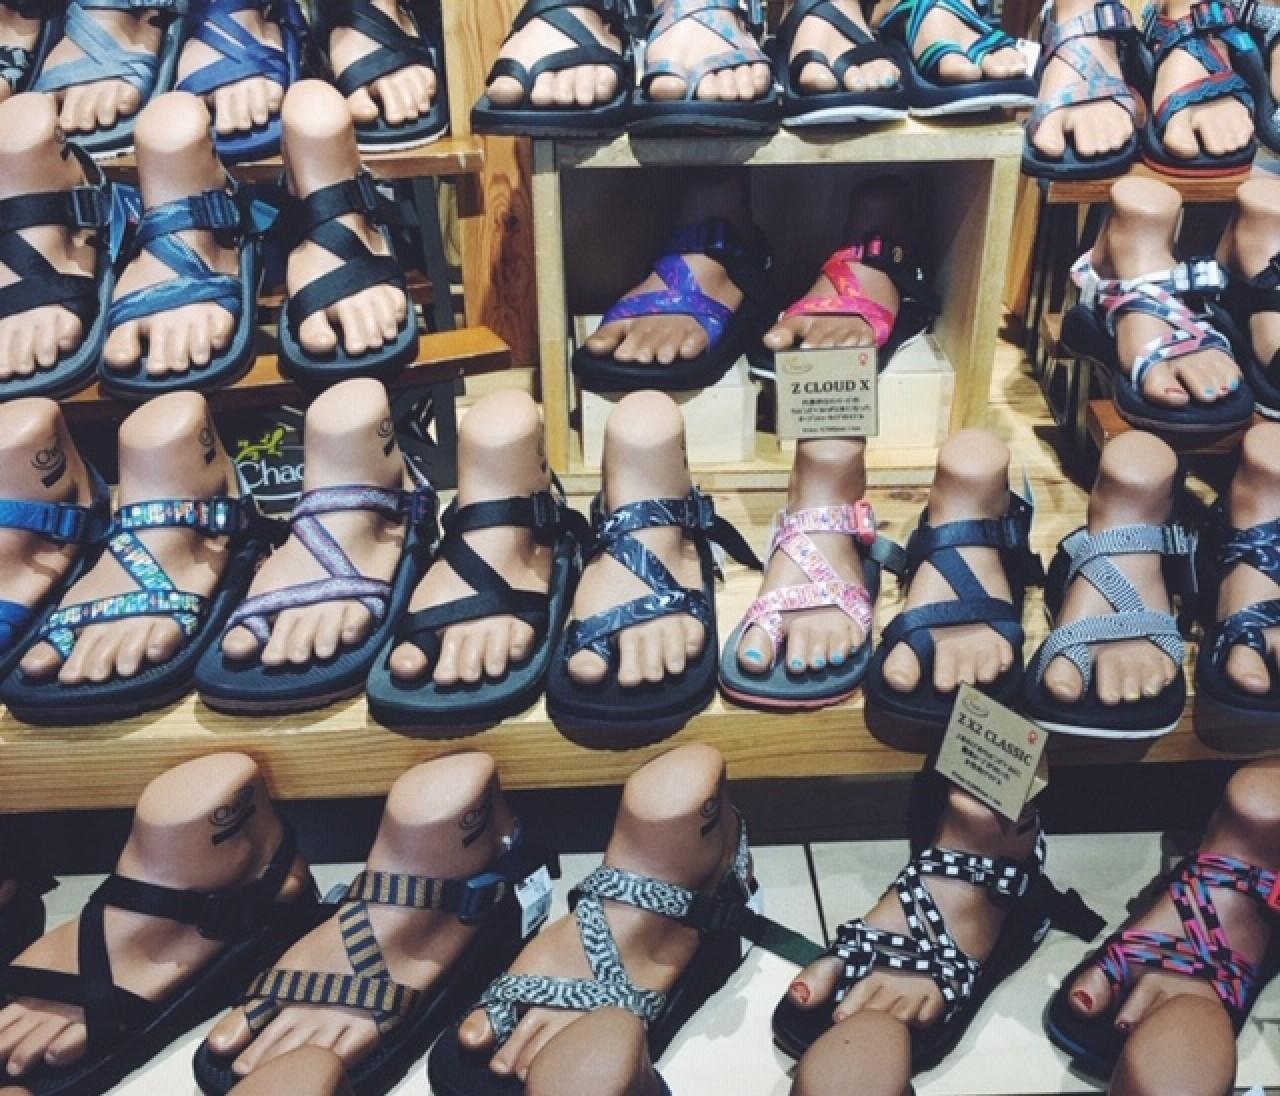 【最新店レポ】キャンプ女子必見!おしゃれ用品&服装探しにおすすめなアウトドアショップ2選